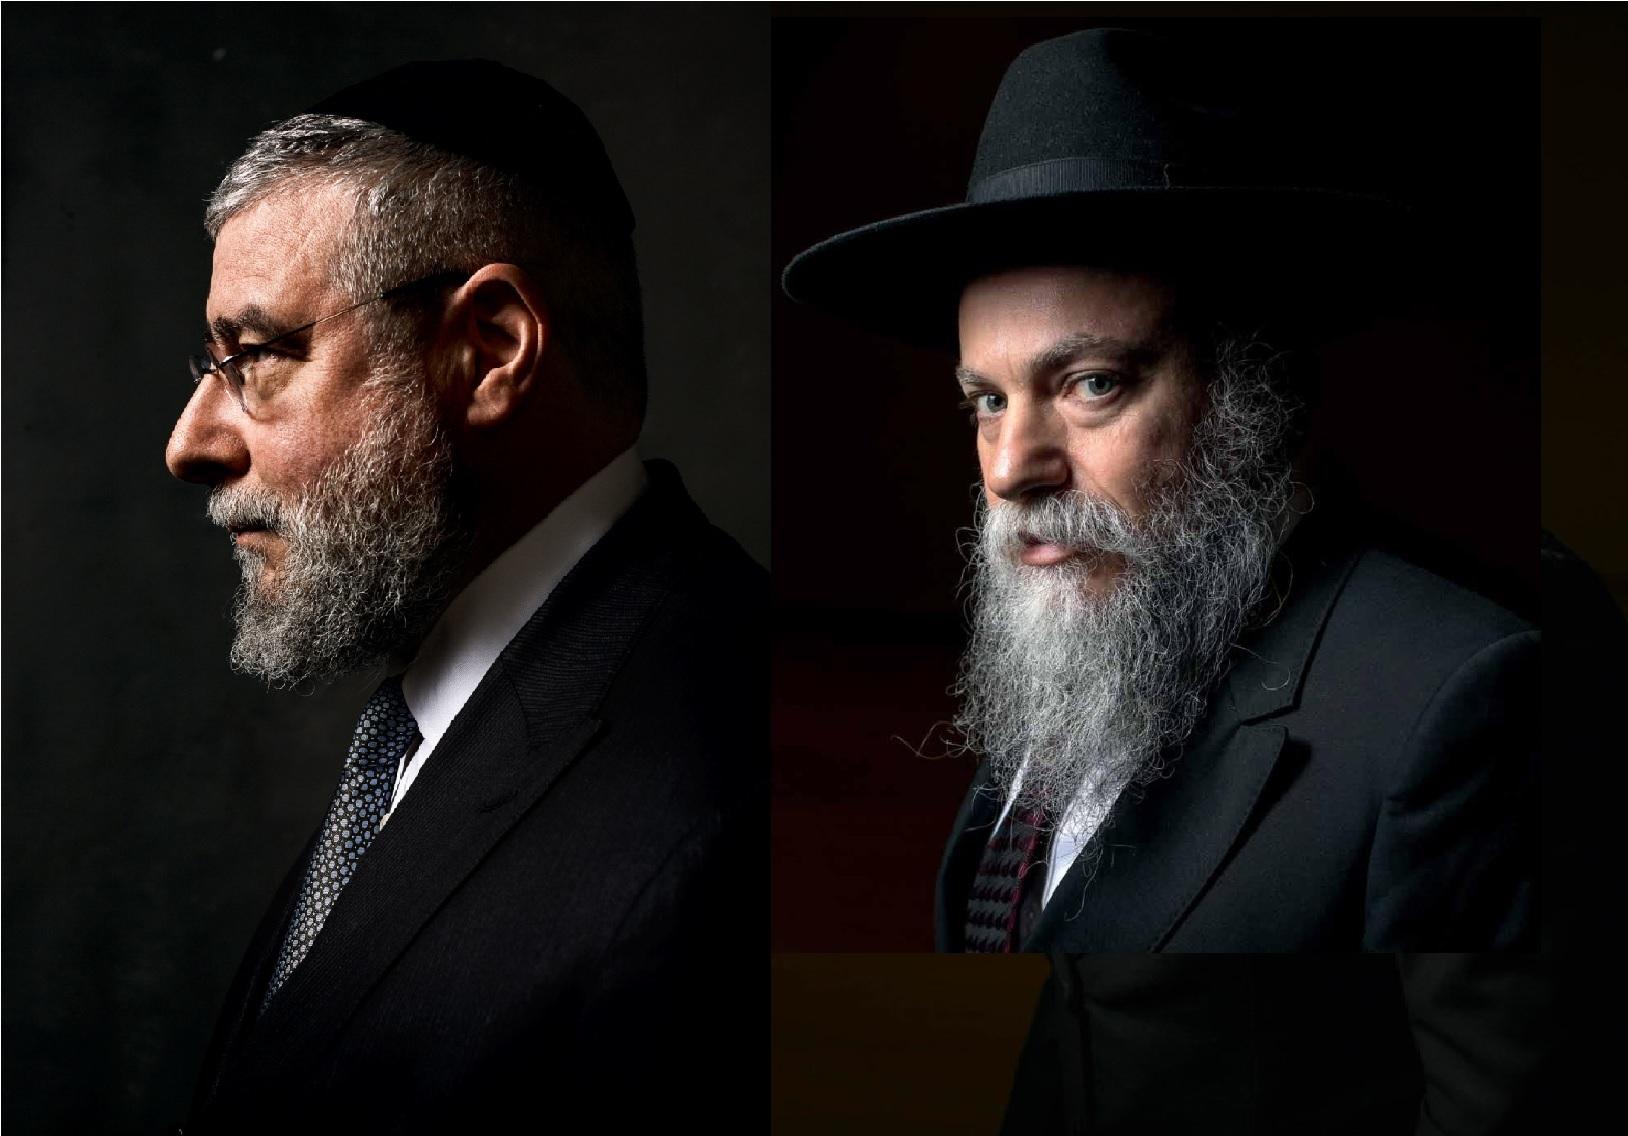 Раввины Борода и Гольдшмидт - о трагедии на празднике в Израиле